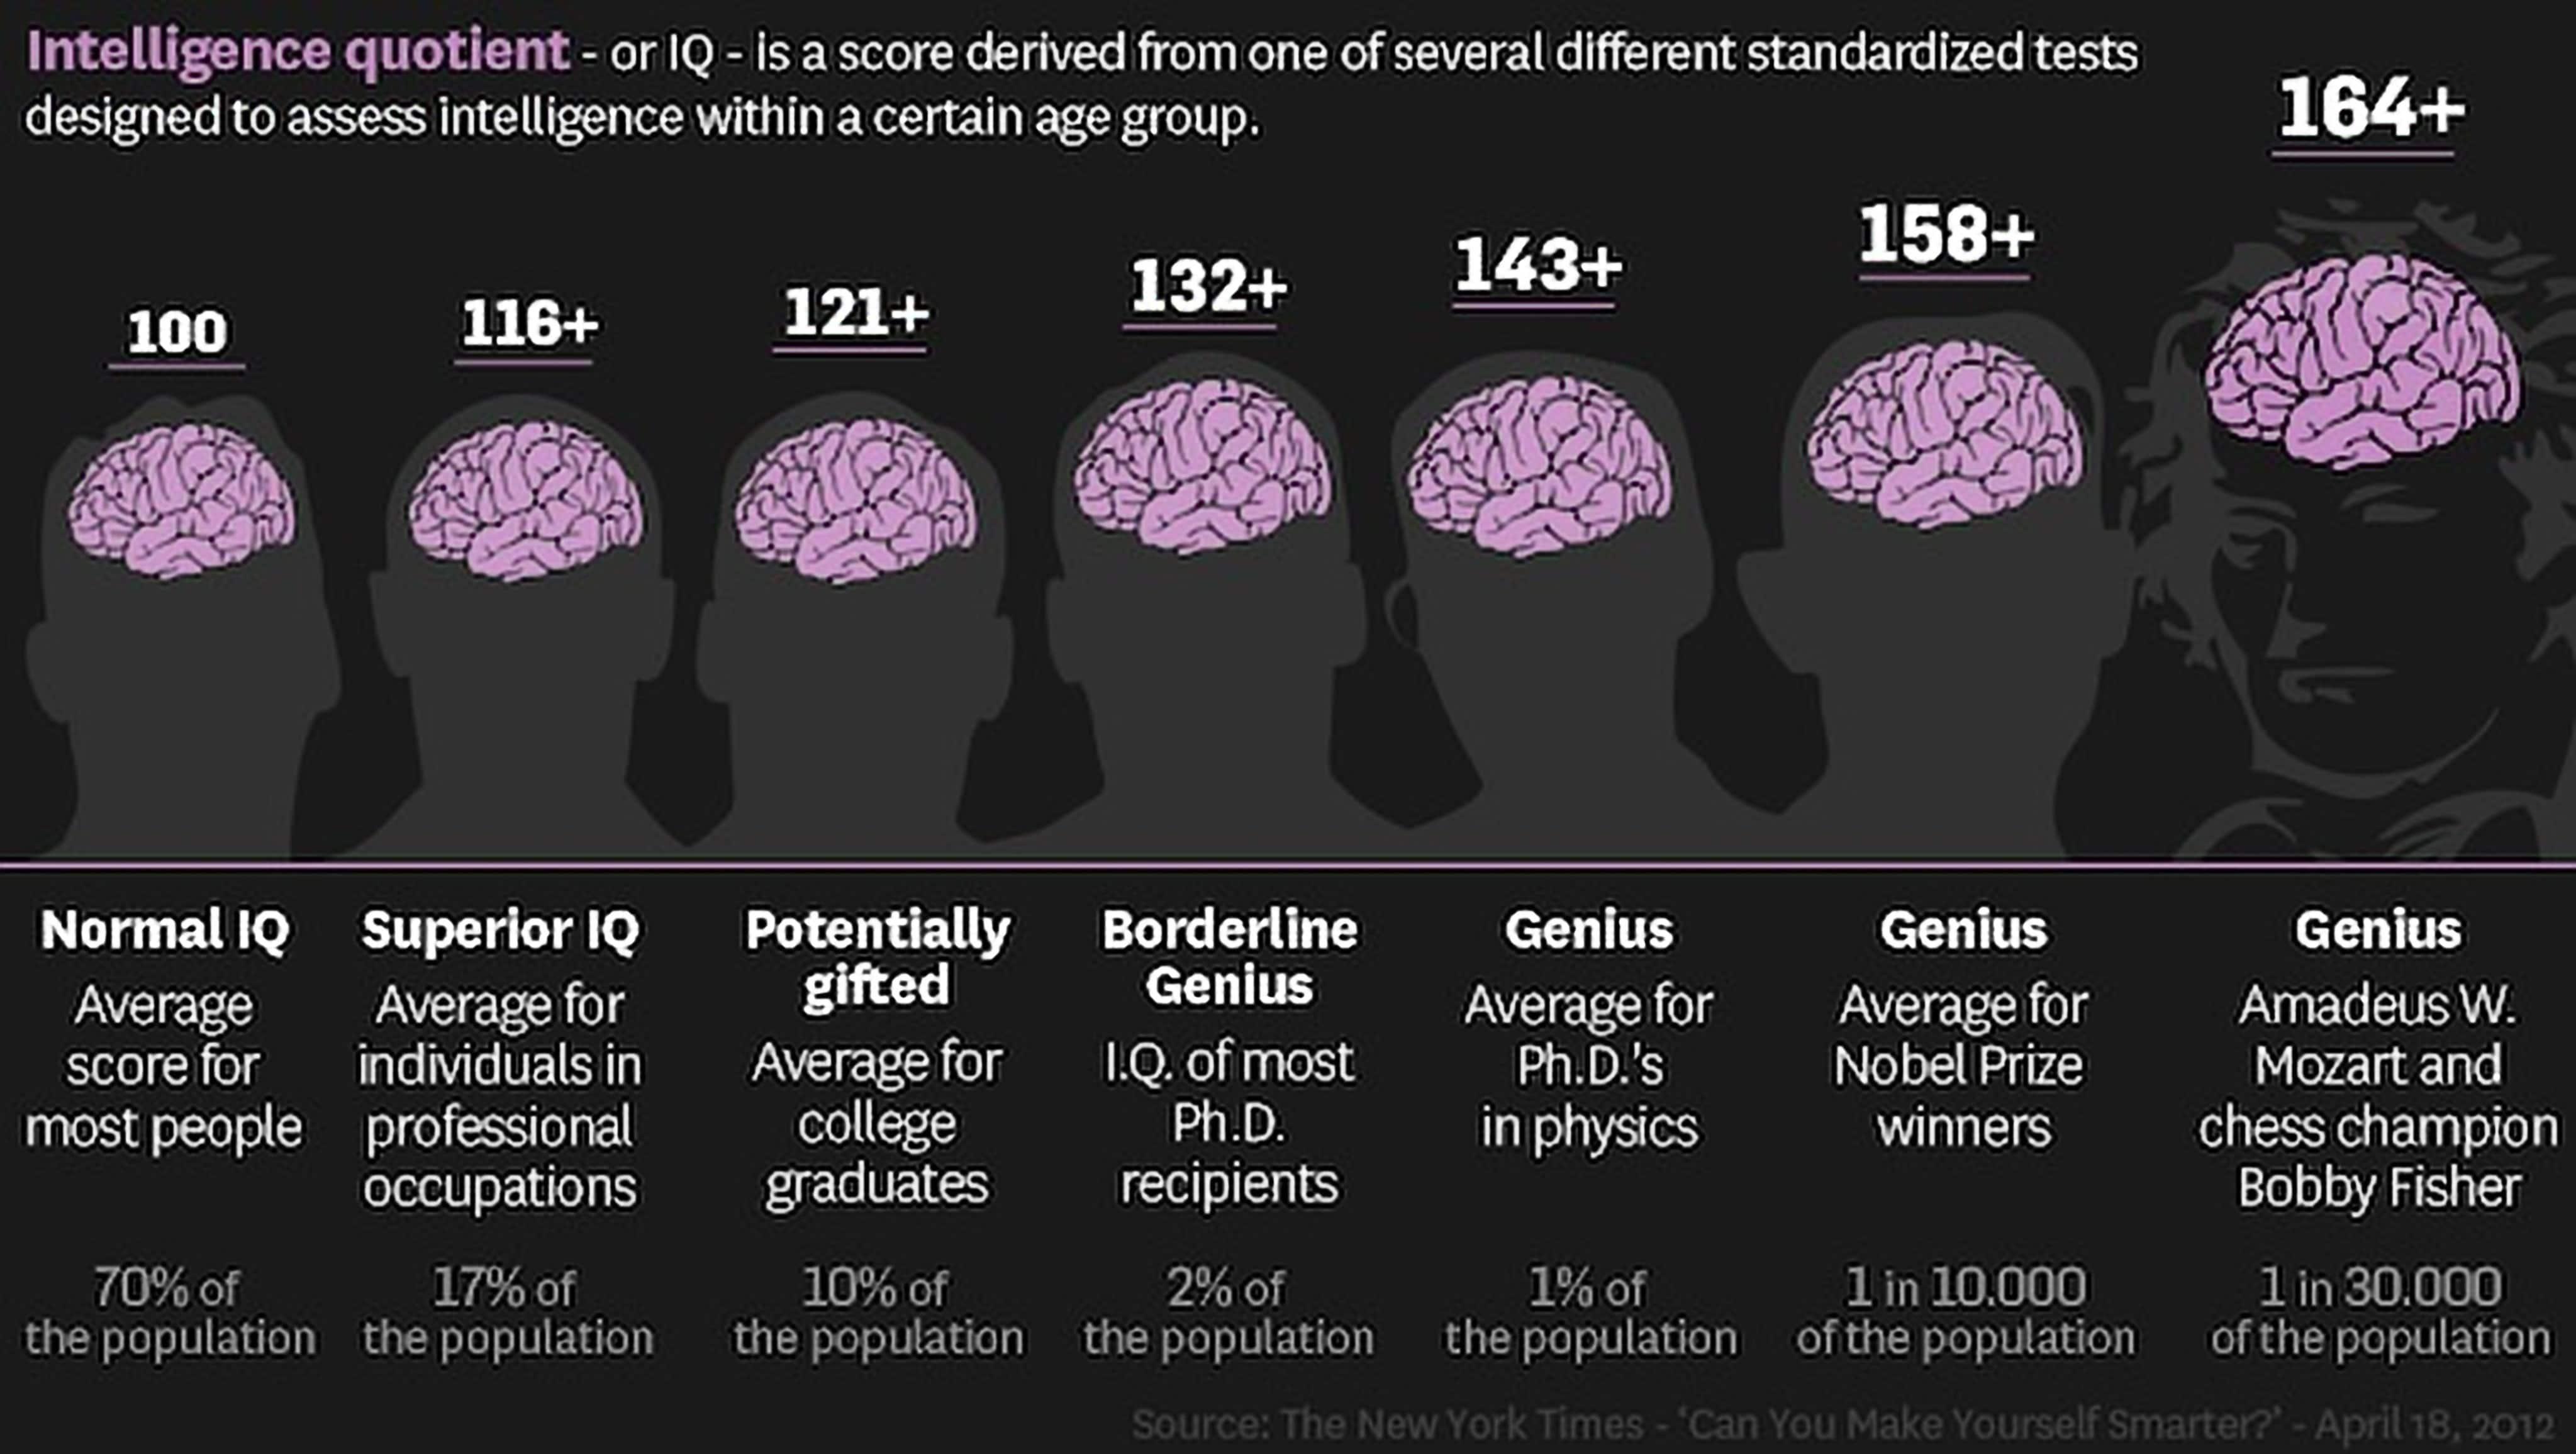 كتاب ال IQ , تحميل كتاب IQ مجانا ,اختبار الذكاء الموثق , اختبار الذكاء المعترف به دوليا , ما هو ال IQ ؟ , ايه هو ال IQ ؟ , عاوز اتعلم IQ , استعداد الانترفيو , كتاب IQ فيليب كارتر ,